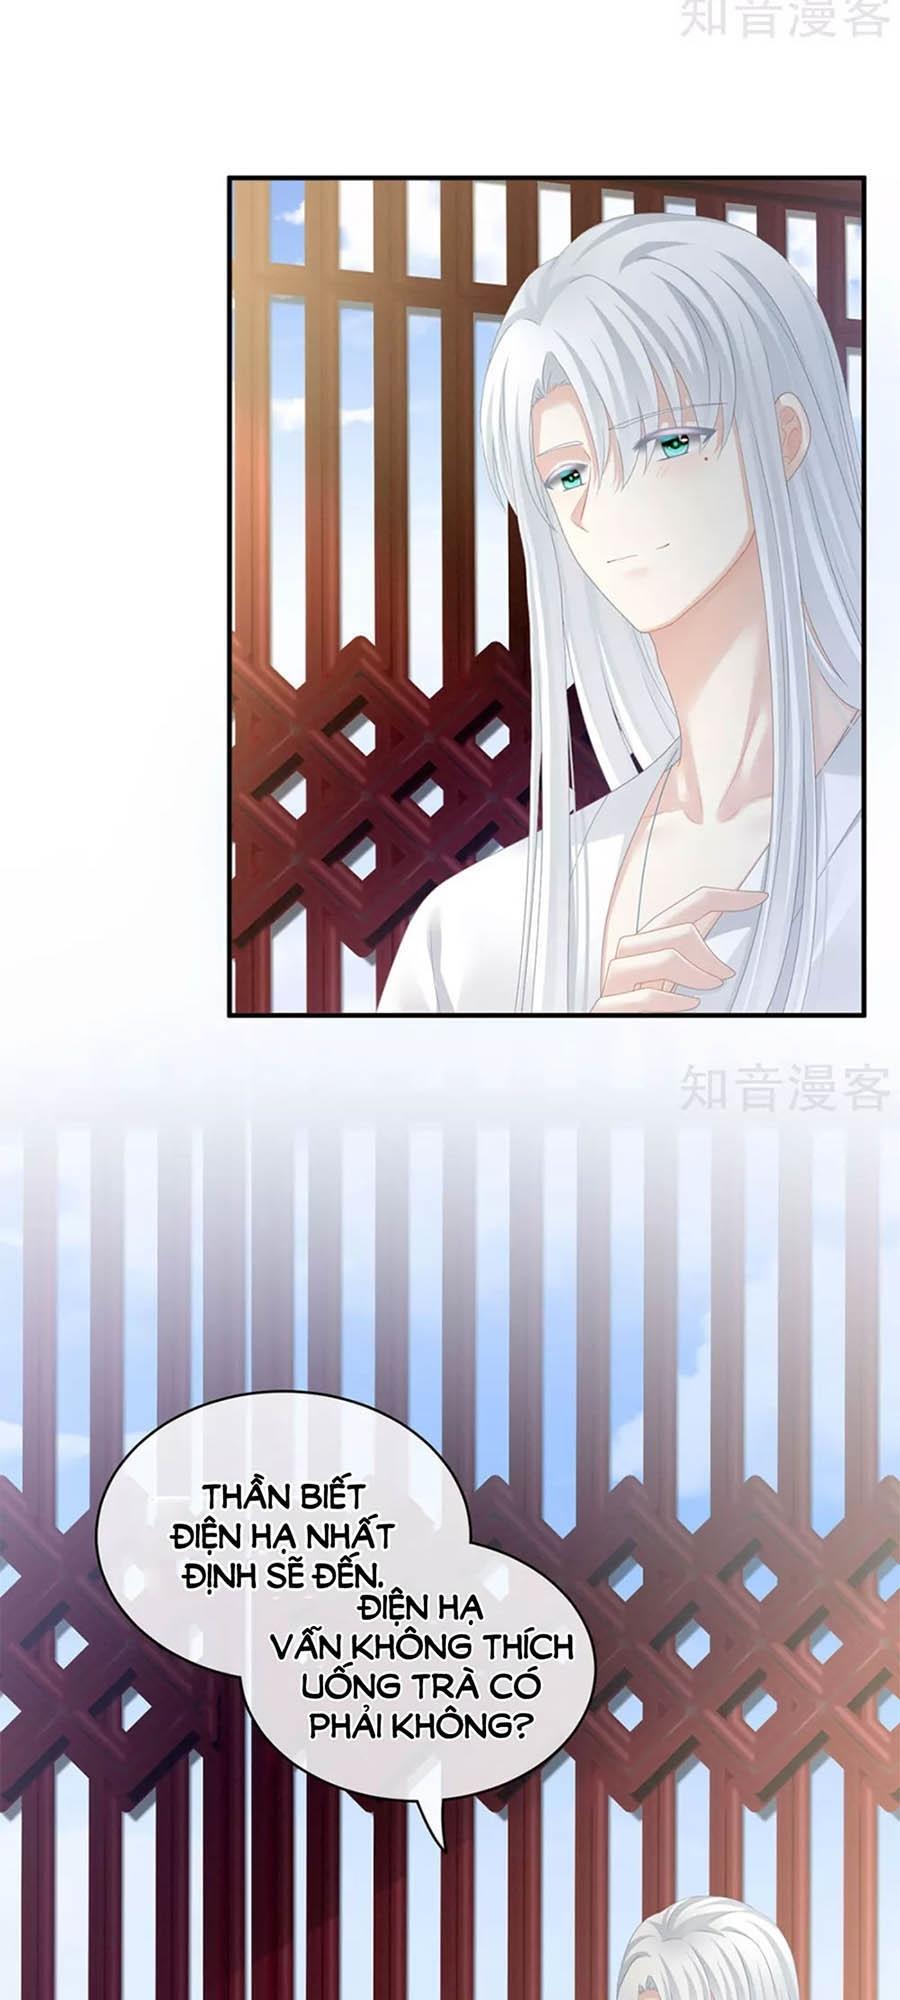 Hậu Cung Của Nữ Đế chap 113 - Trang 10